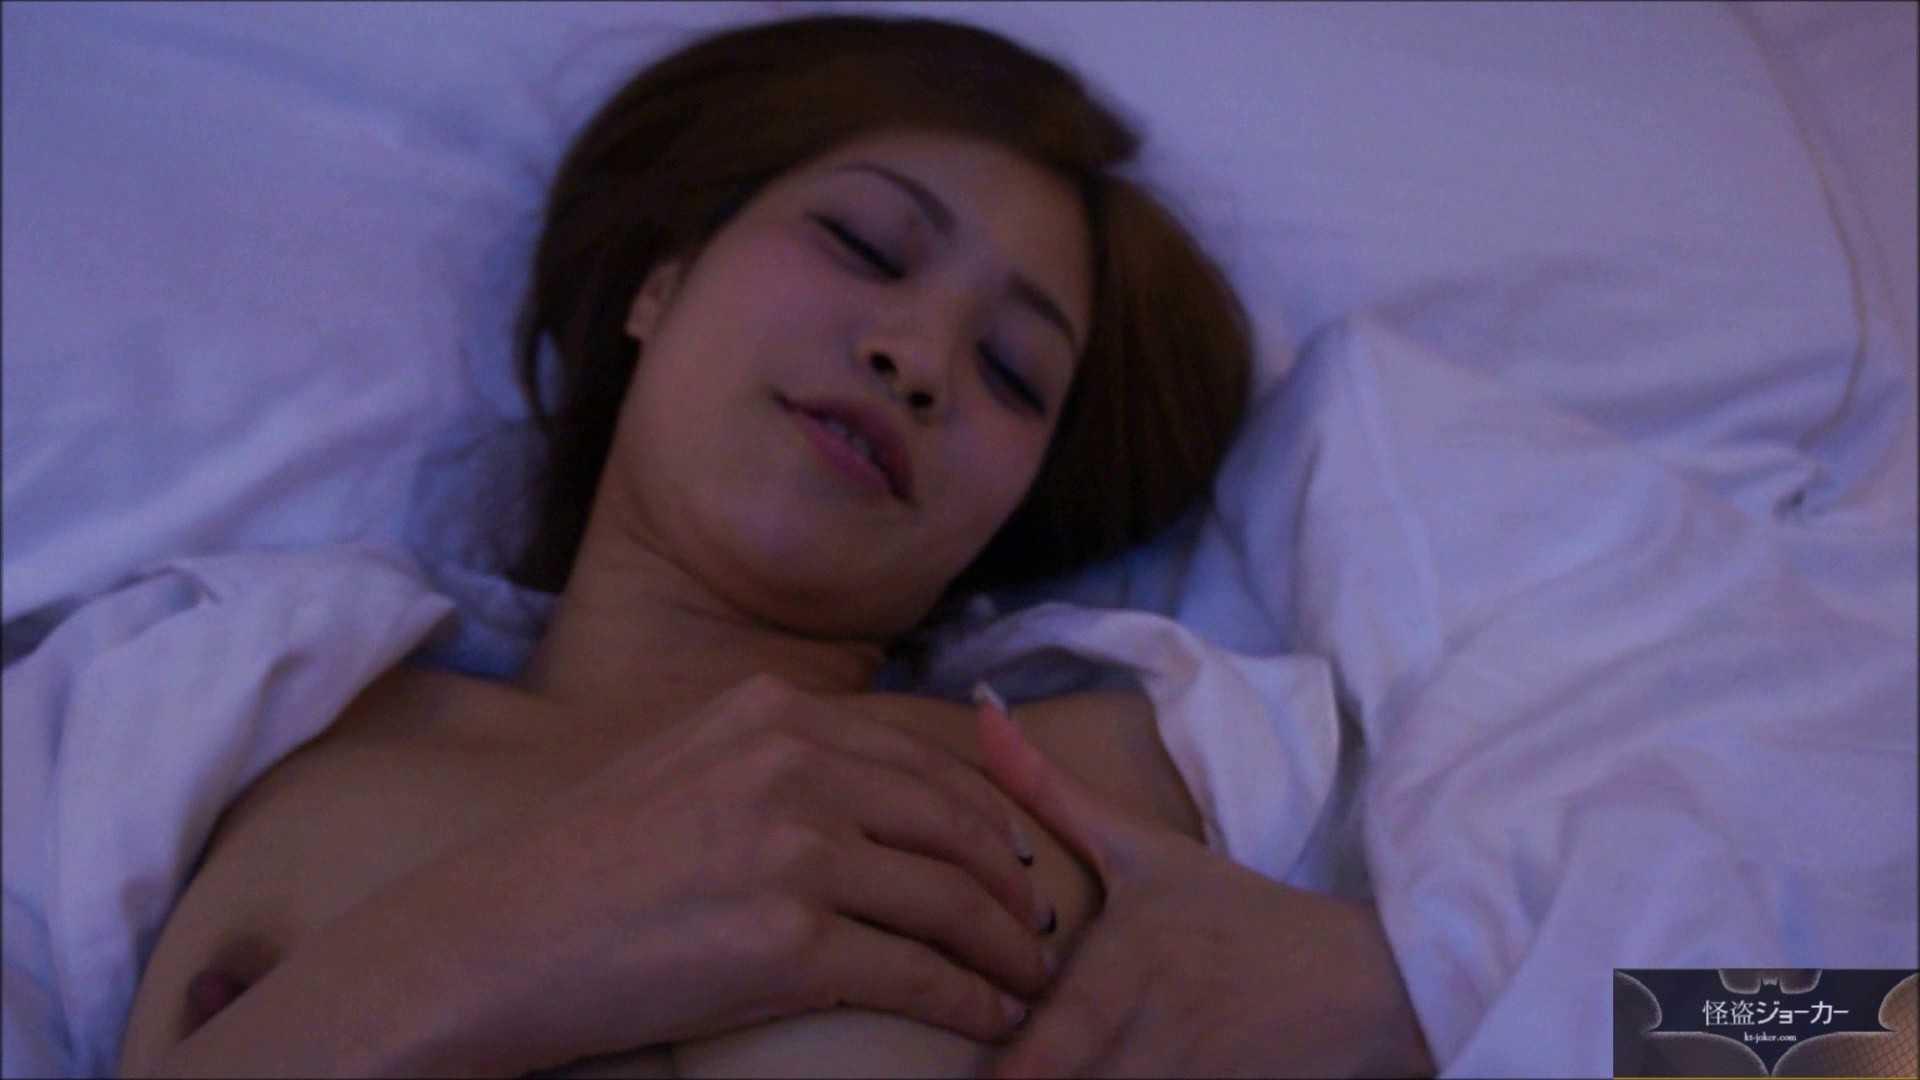 【未公開】vol.9 セレブ美魔女・ユキさんとの1年ぶりに会った日。 OL   0  88連発 37